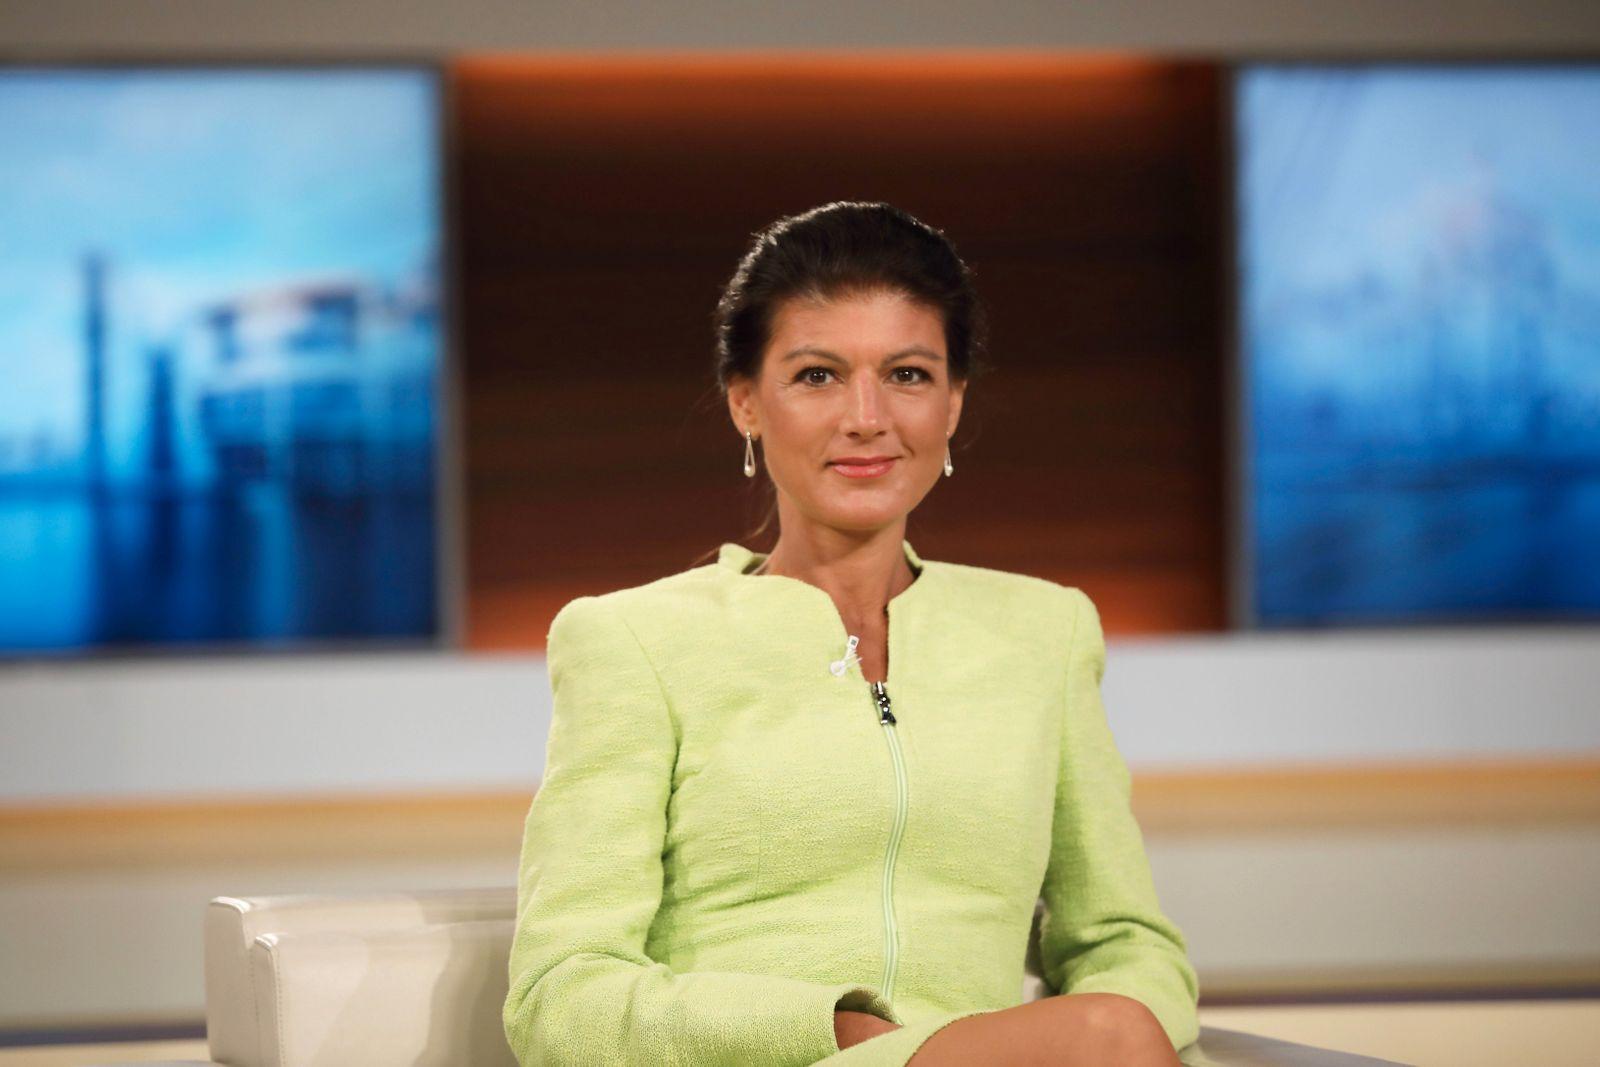 Dr. Sahra Wagenknecht (Mitglied des Deutschen Bundestages, DIE LINKE) in der ARD-Talkshow ANNE WILL am 17.05.2020 in Ber